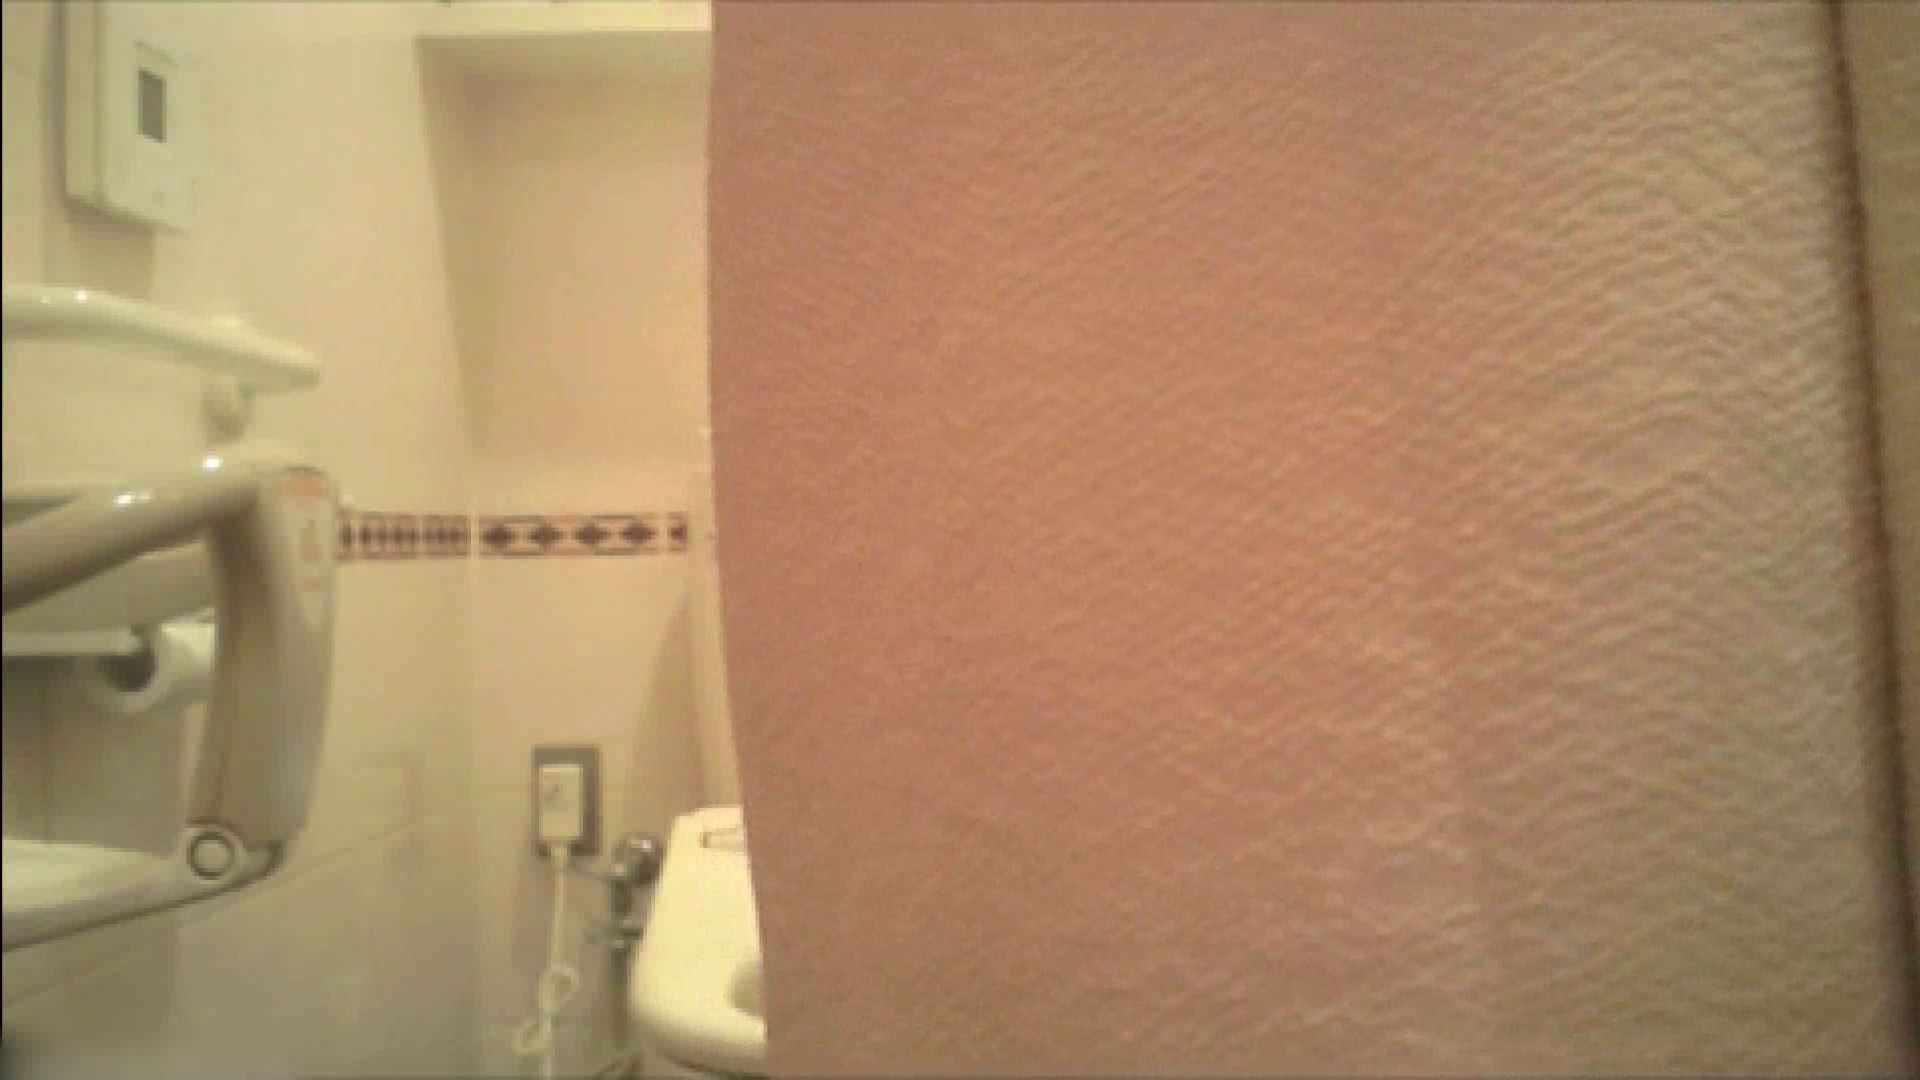 実録!!綺麗なお姉さんのトイレ事情・・・。vol.18 OLの実態  70pic 54